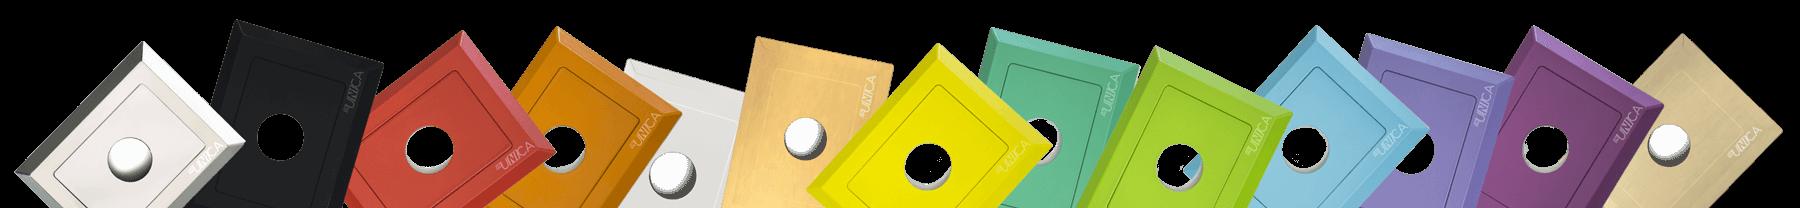 immagine rappresentativa colori placca inUNICA - fascia footer